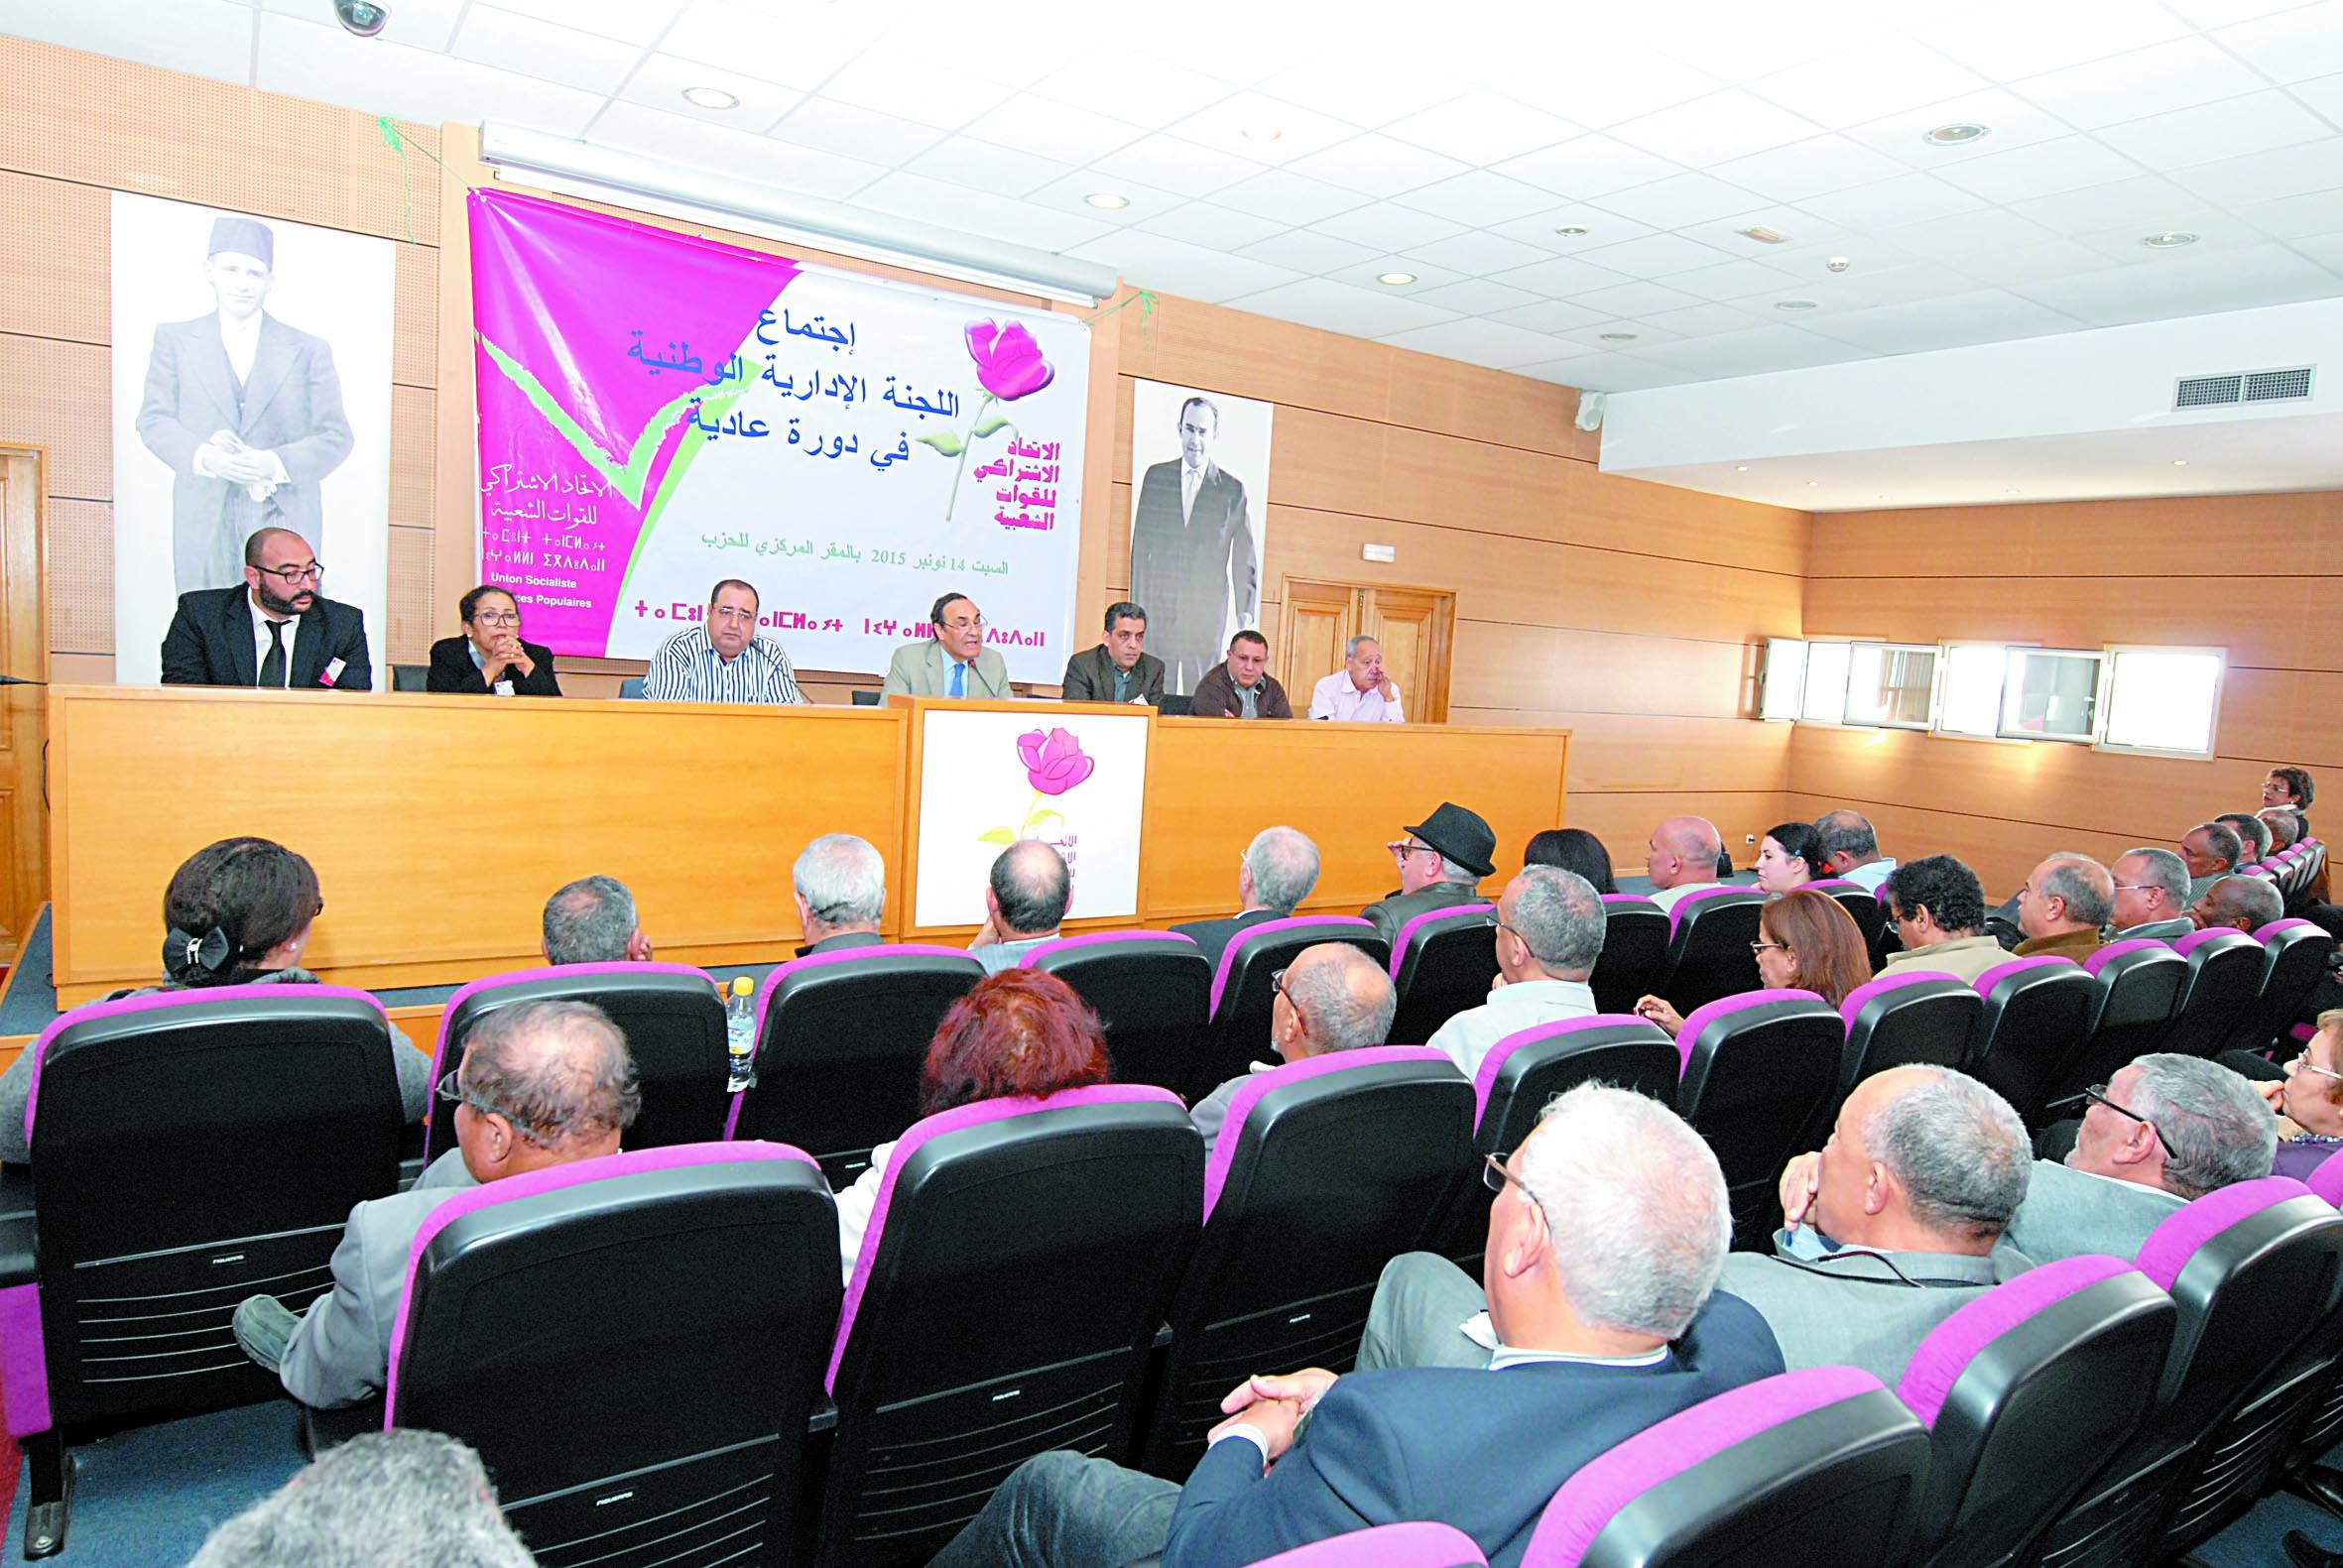 Le Conseil national de l'USFP condamne avec vigueur les actes terroristes faisant partie d'un vil complot alimenté par un discours idéologique et religieux extrémiste